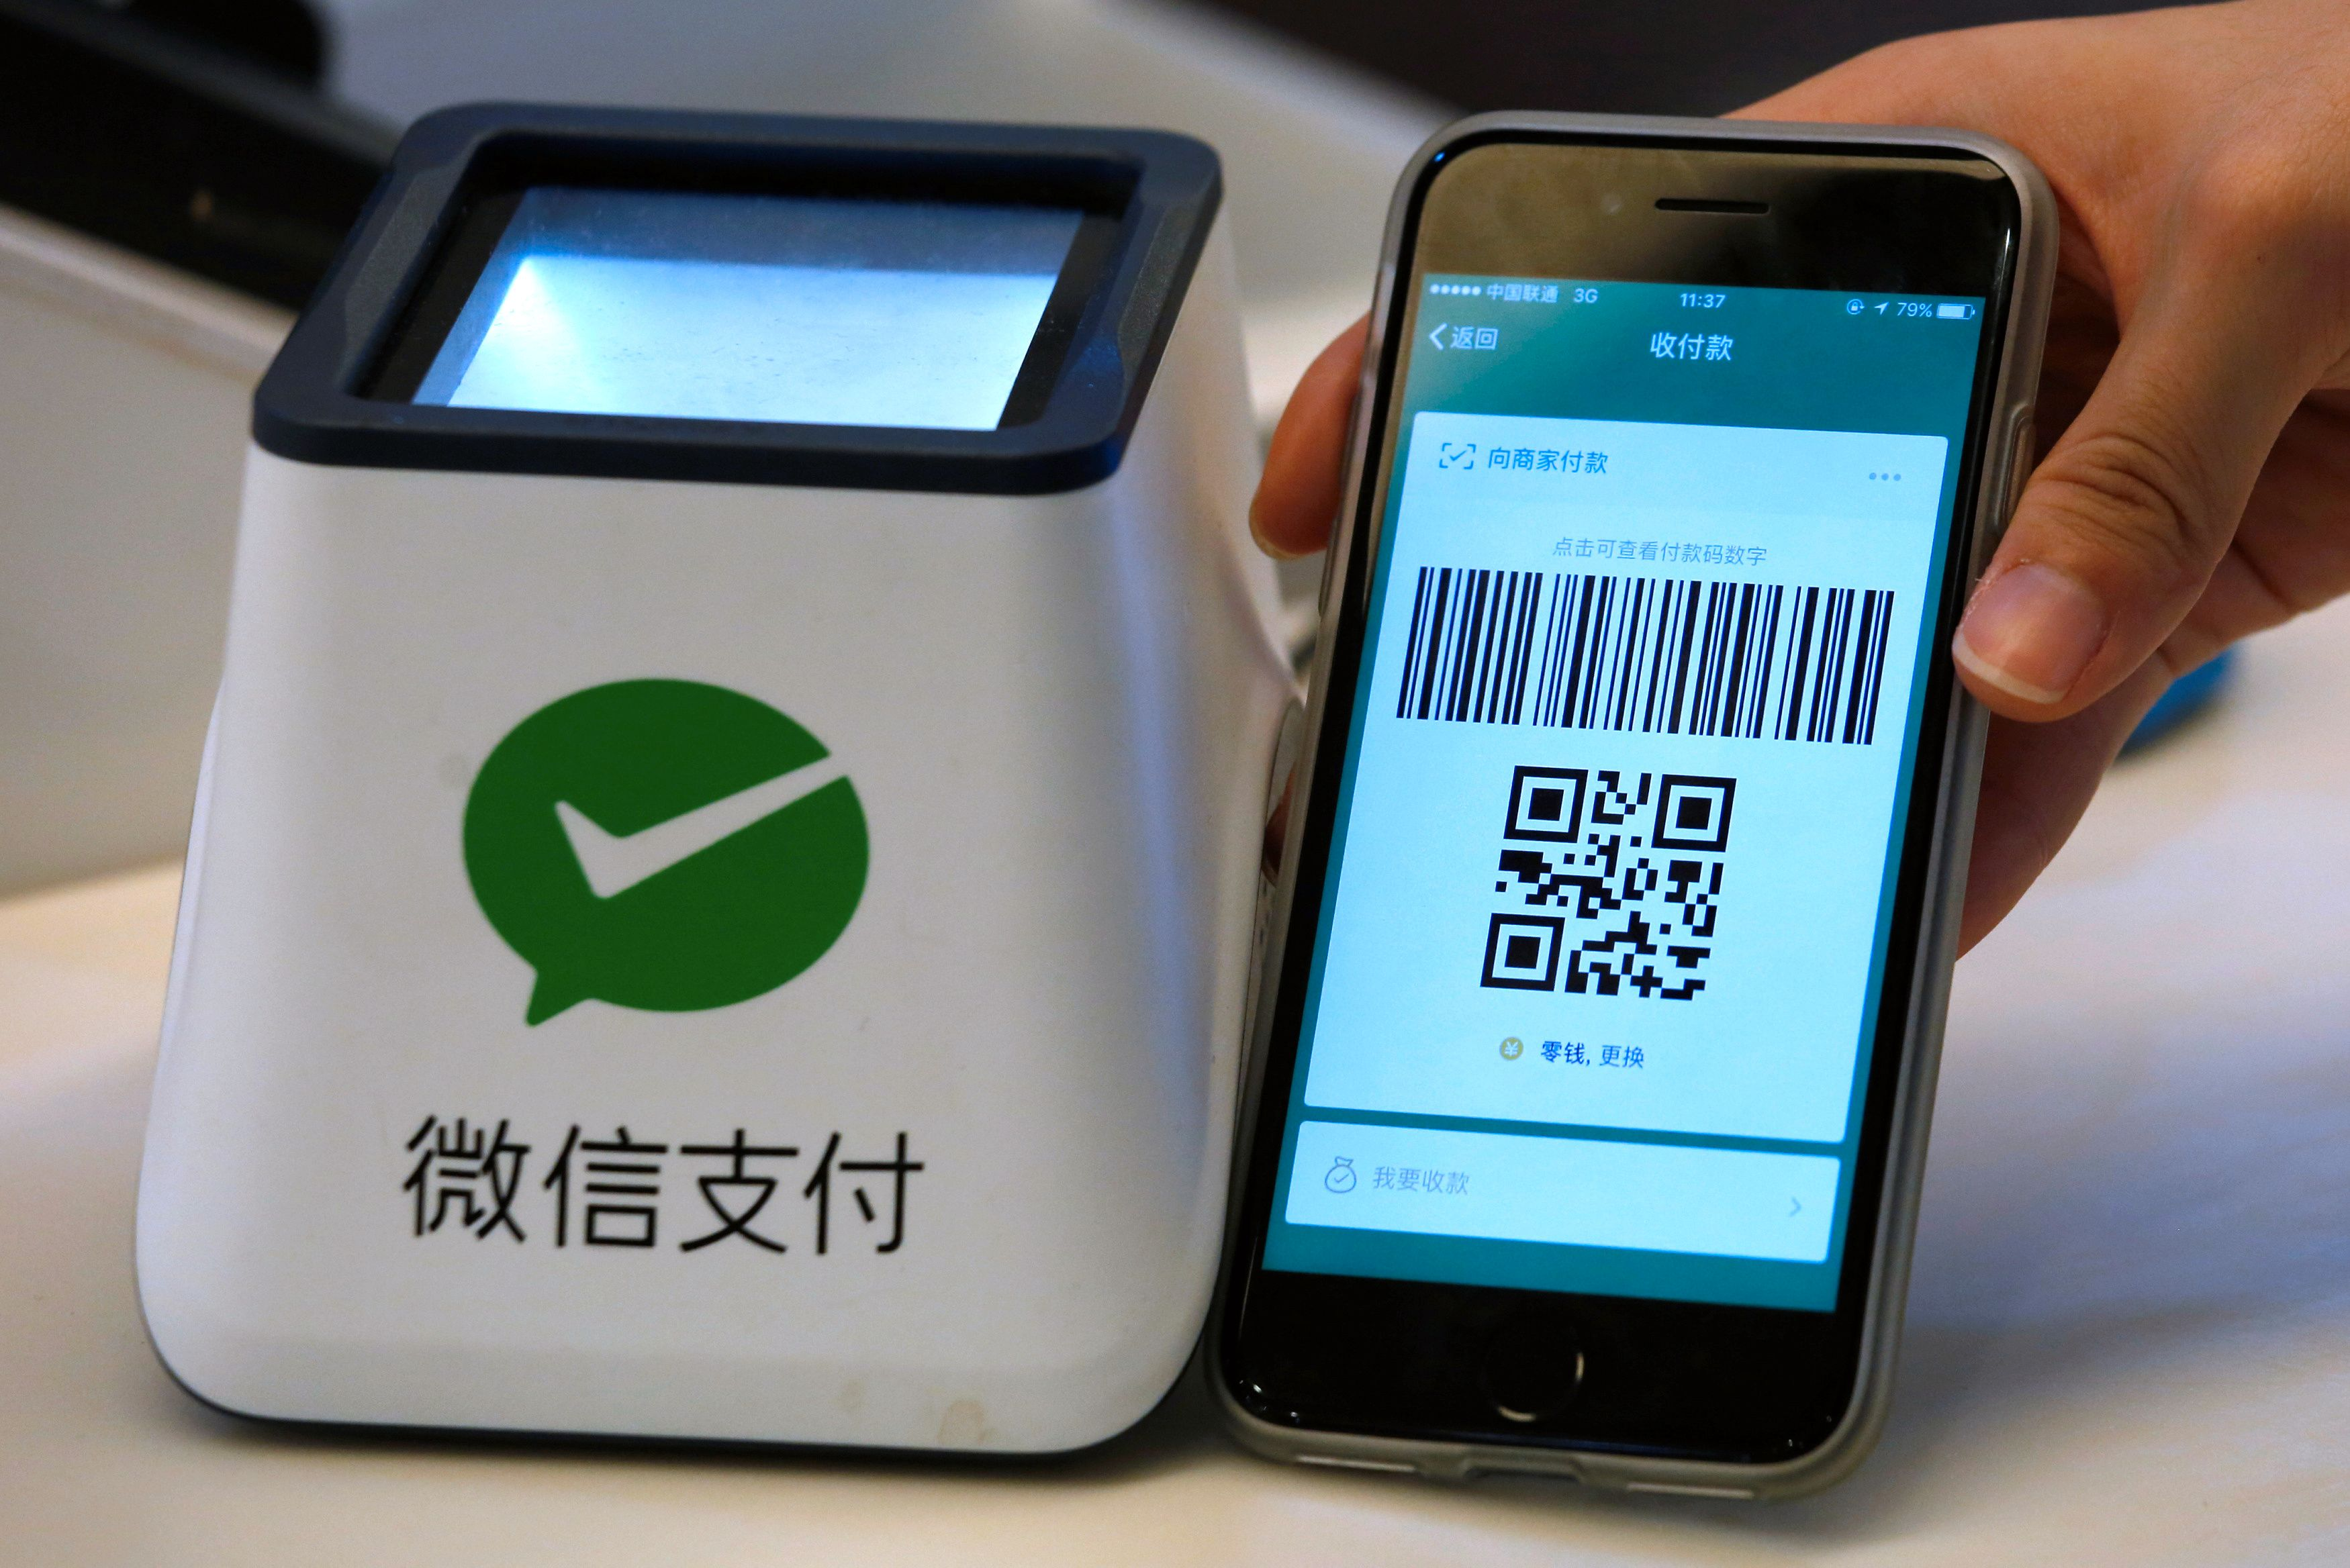 WeChat Pay har blitt en svært utbredt tjeneste i Kina. For tiden diskuteres økt brukt av biometri og ansiktsbetaling i landet.